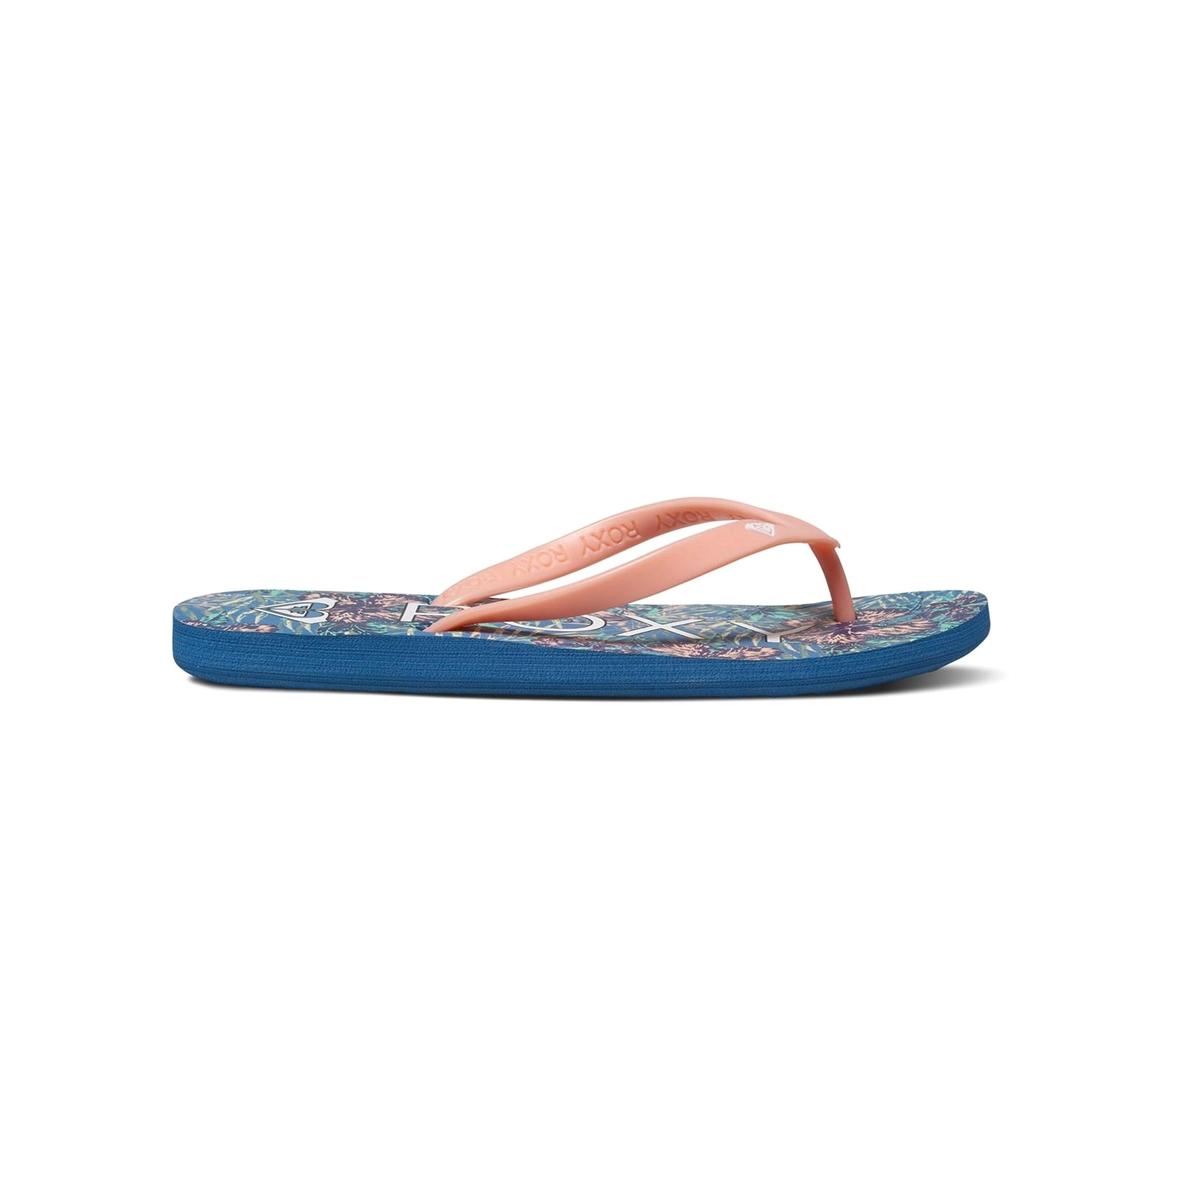 Вьетнамки TahitiВерх : синтетика   Подошва : каучук   Форма каблука : плоский каблук   Мысок : открытый мысок   Застежка : без застежки<br><br>Цвет: синий/ розовый<br>Размер: 38